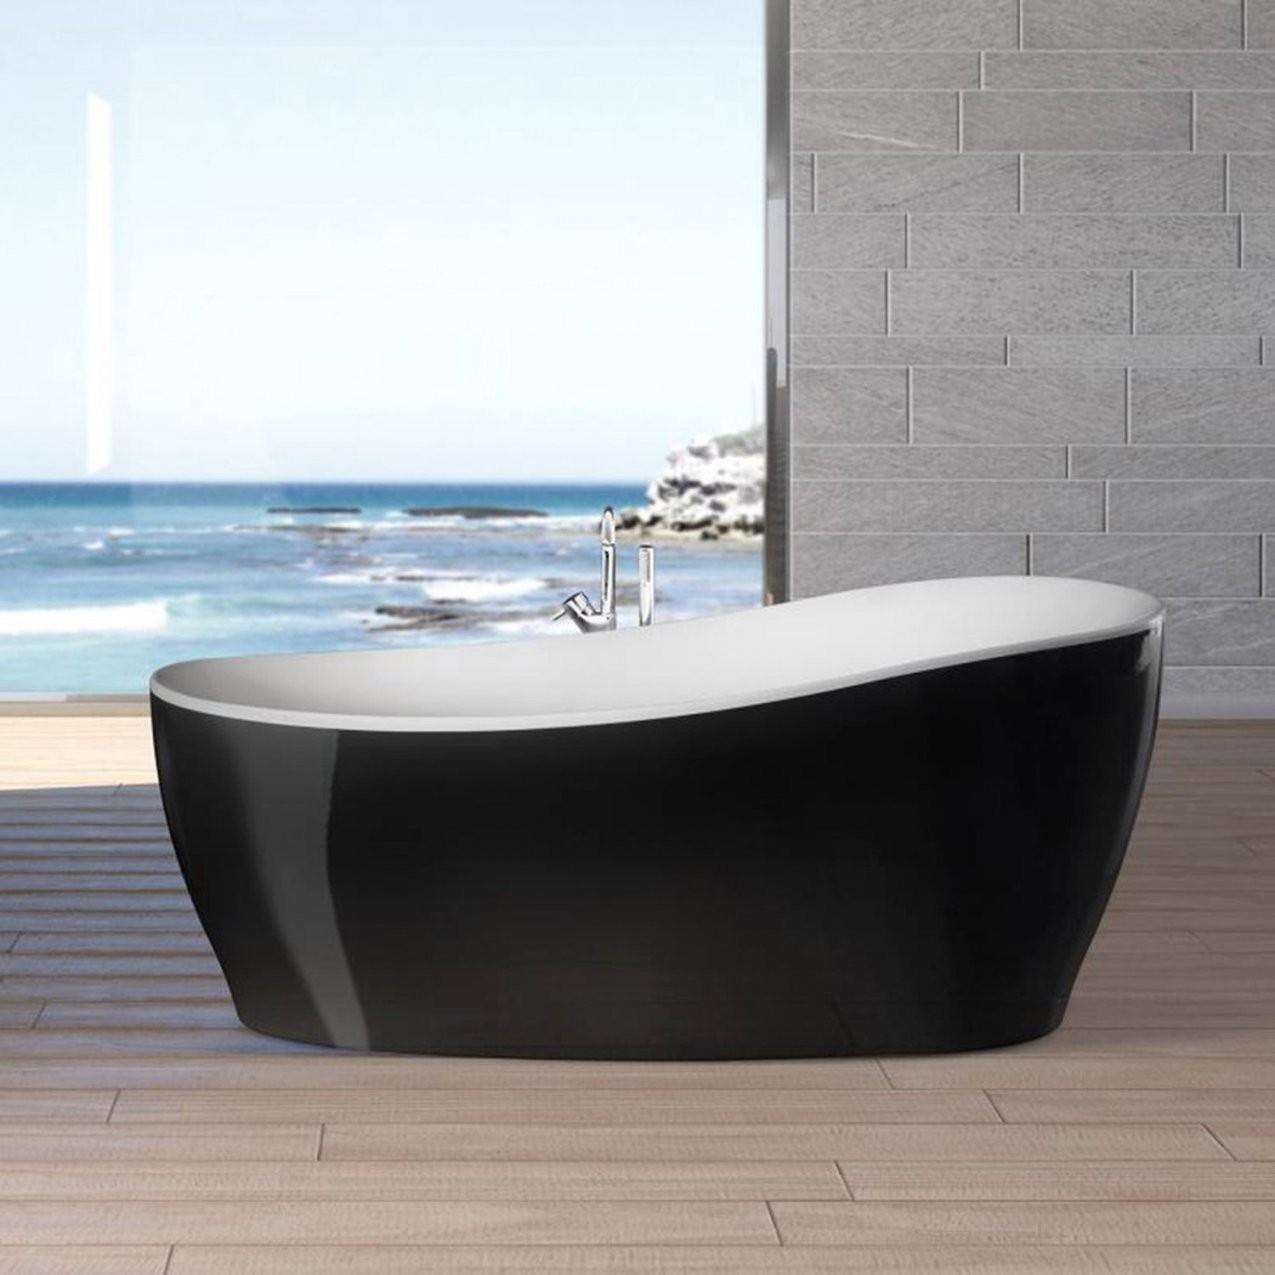 Freistehende Badewanne Aviva 180 Cm X 85 Cm Schwarzweiß Kaufen Bei Obi von Bilder Freistehende Badewanne Bild